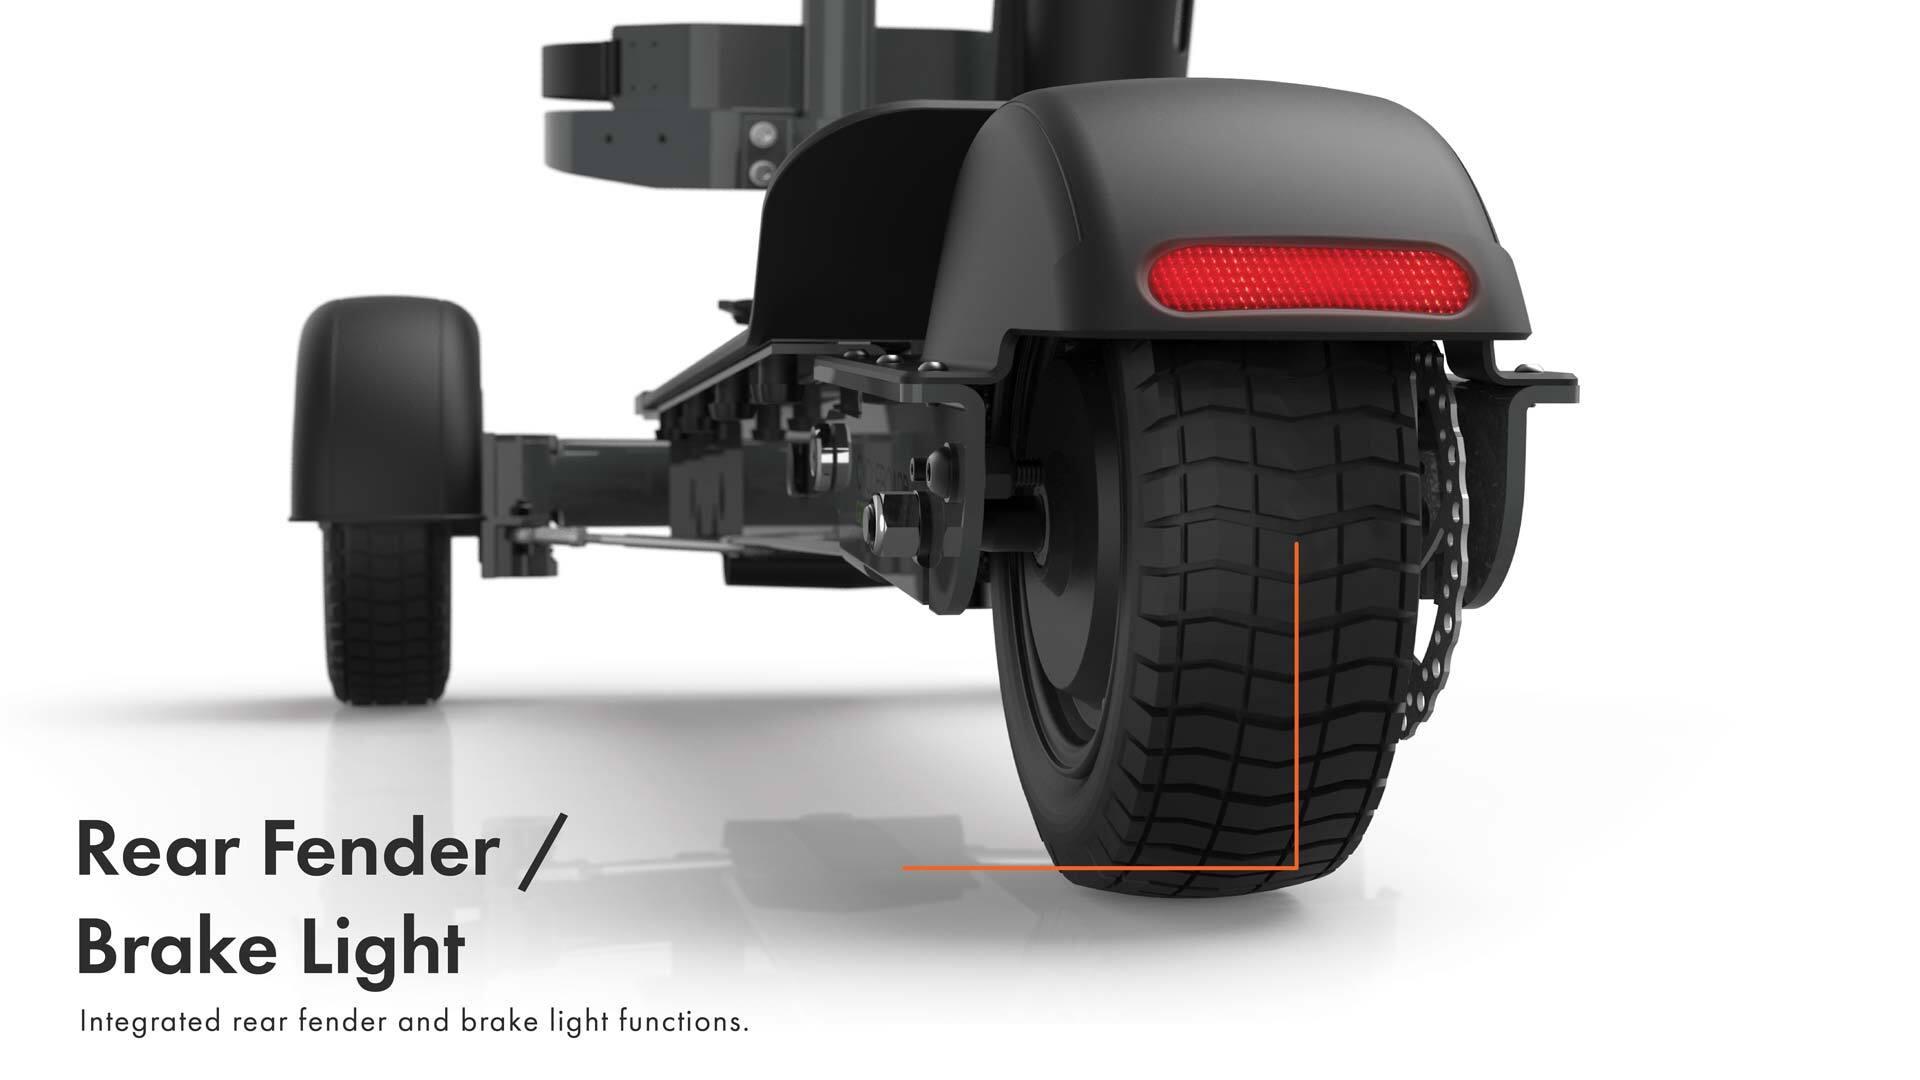 Rear Fender/ Brake Light